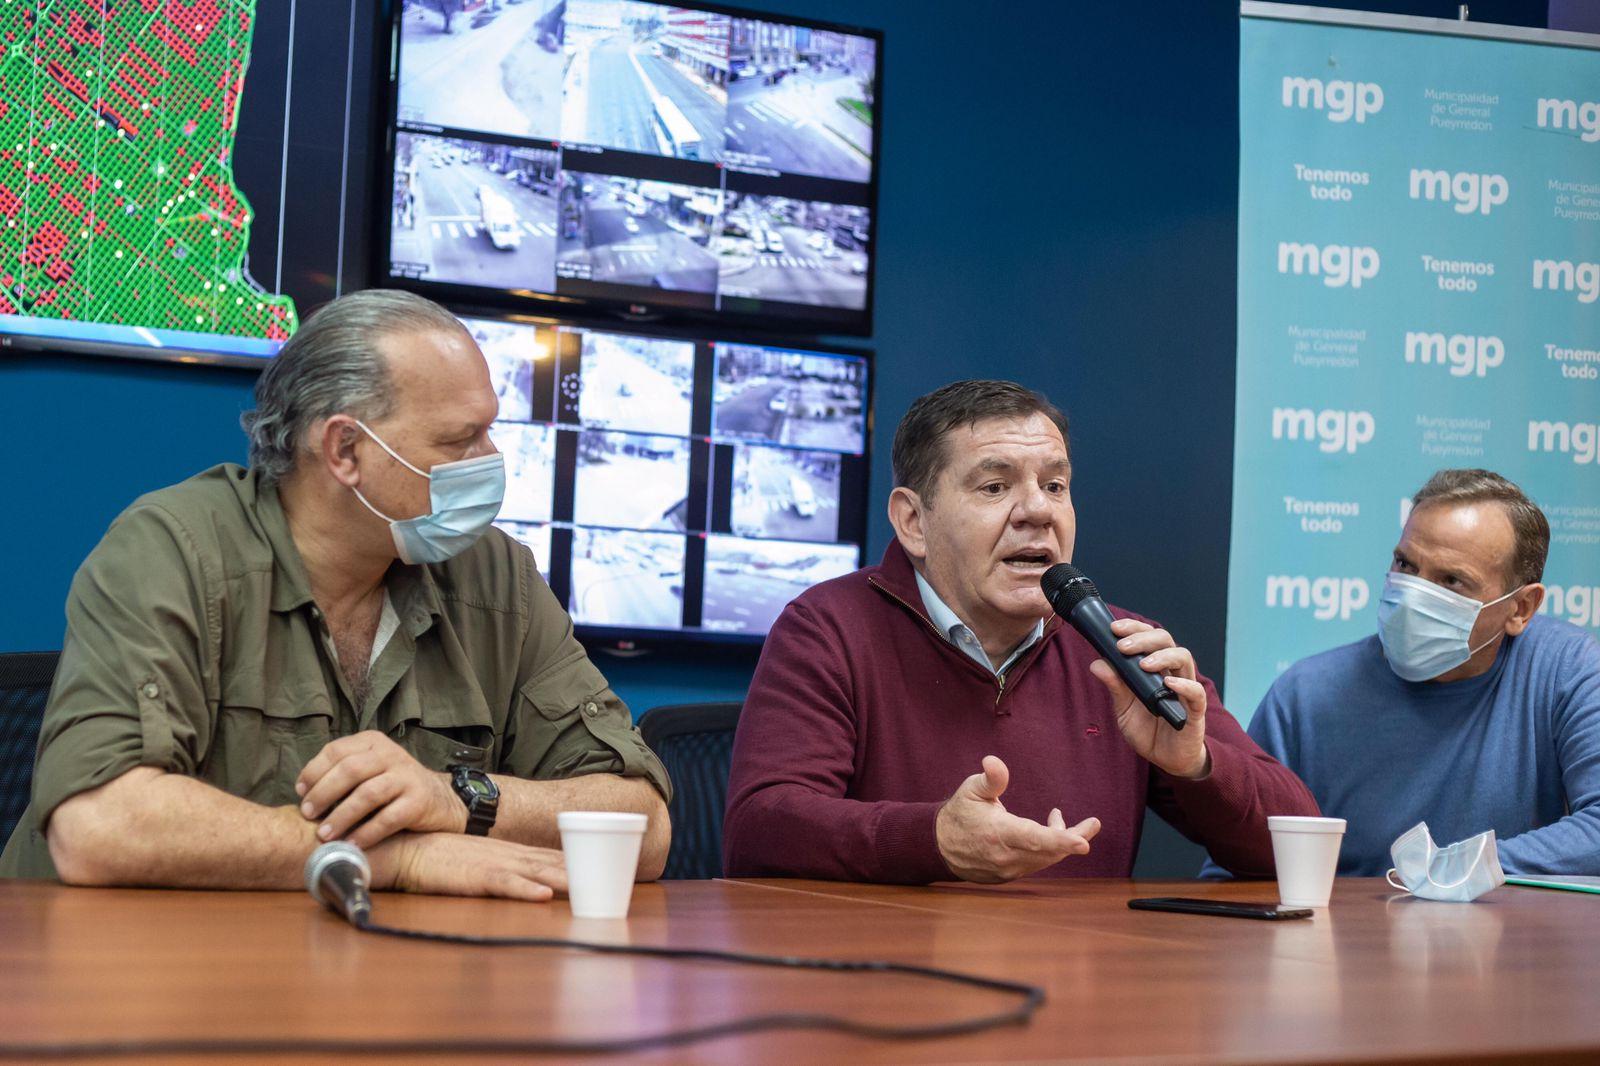 Berni y Montenegro presentaron sistema de georreferenciación de patrulleros